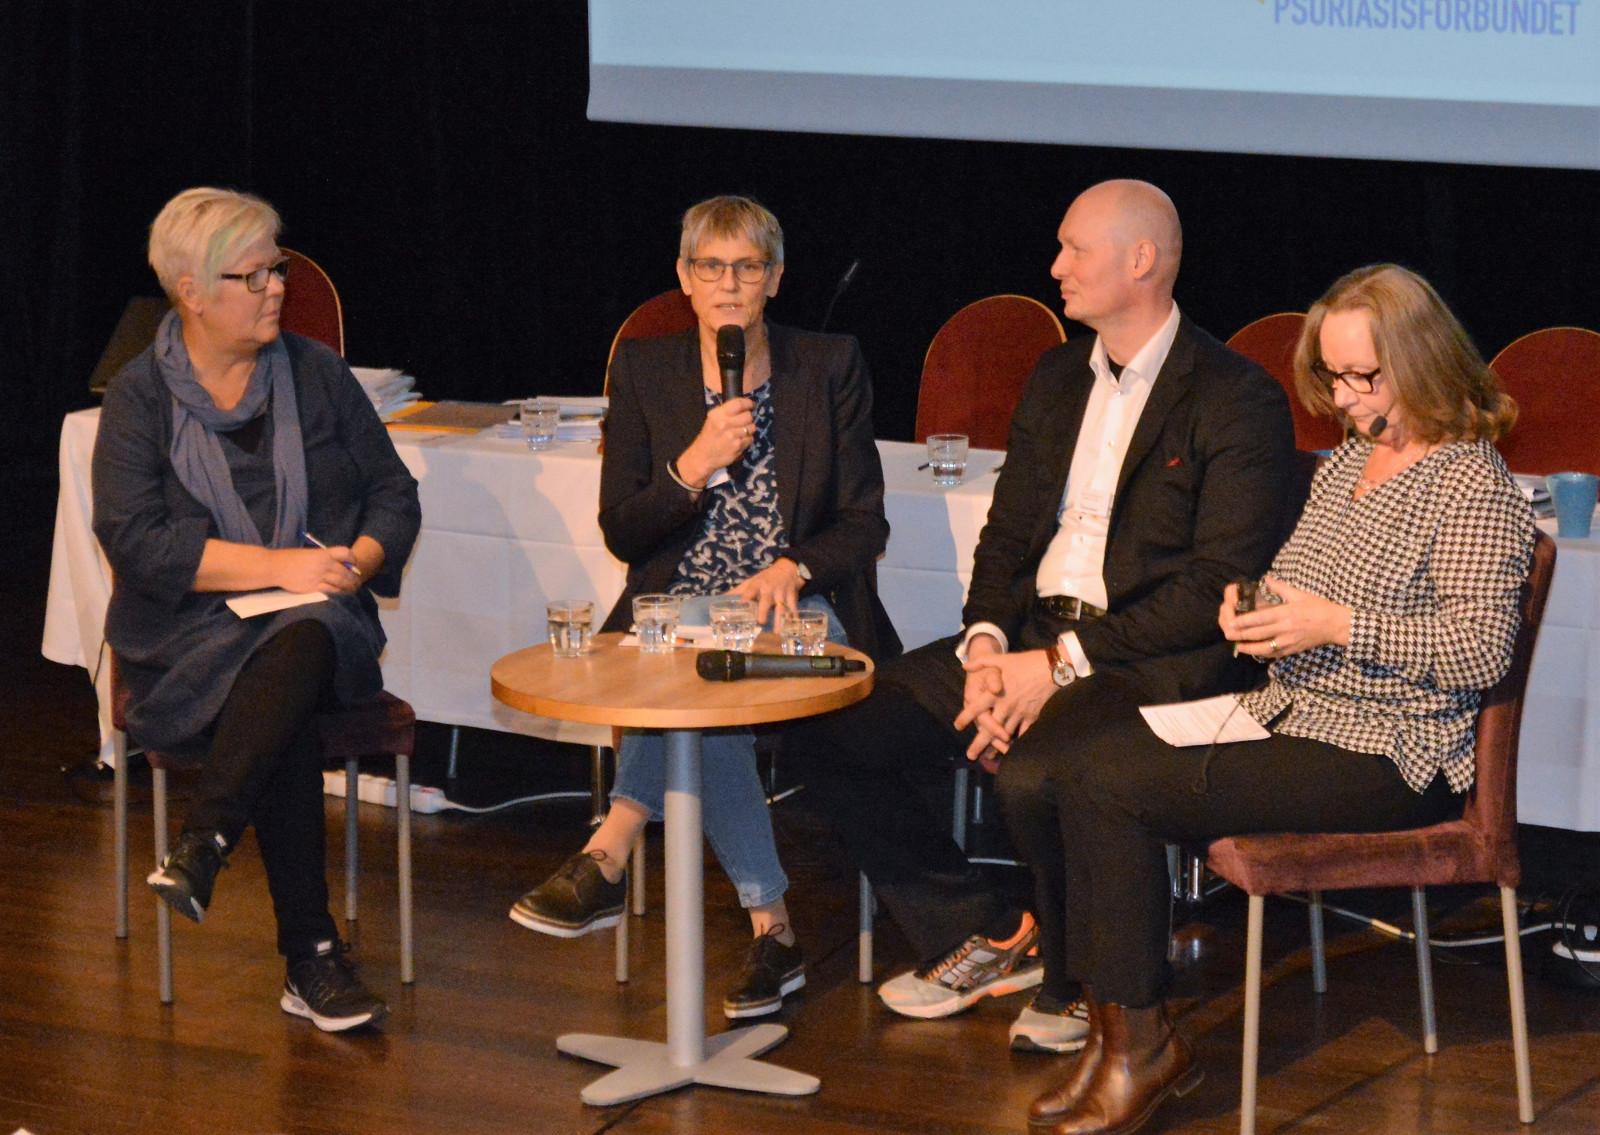 Riksstämman 2017 forskarsamtal med Tina Norgren Gerd Marie Alenius Marcus Scmitt-Egenolf Gunnel Köhler Foto Bo Sandberg